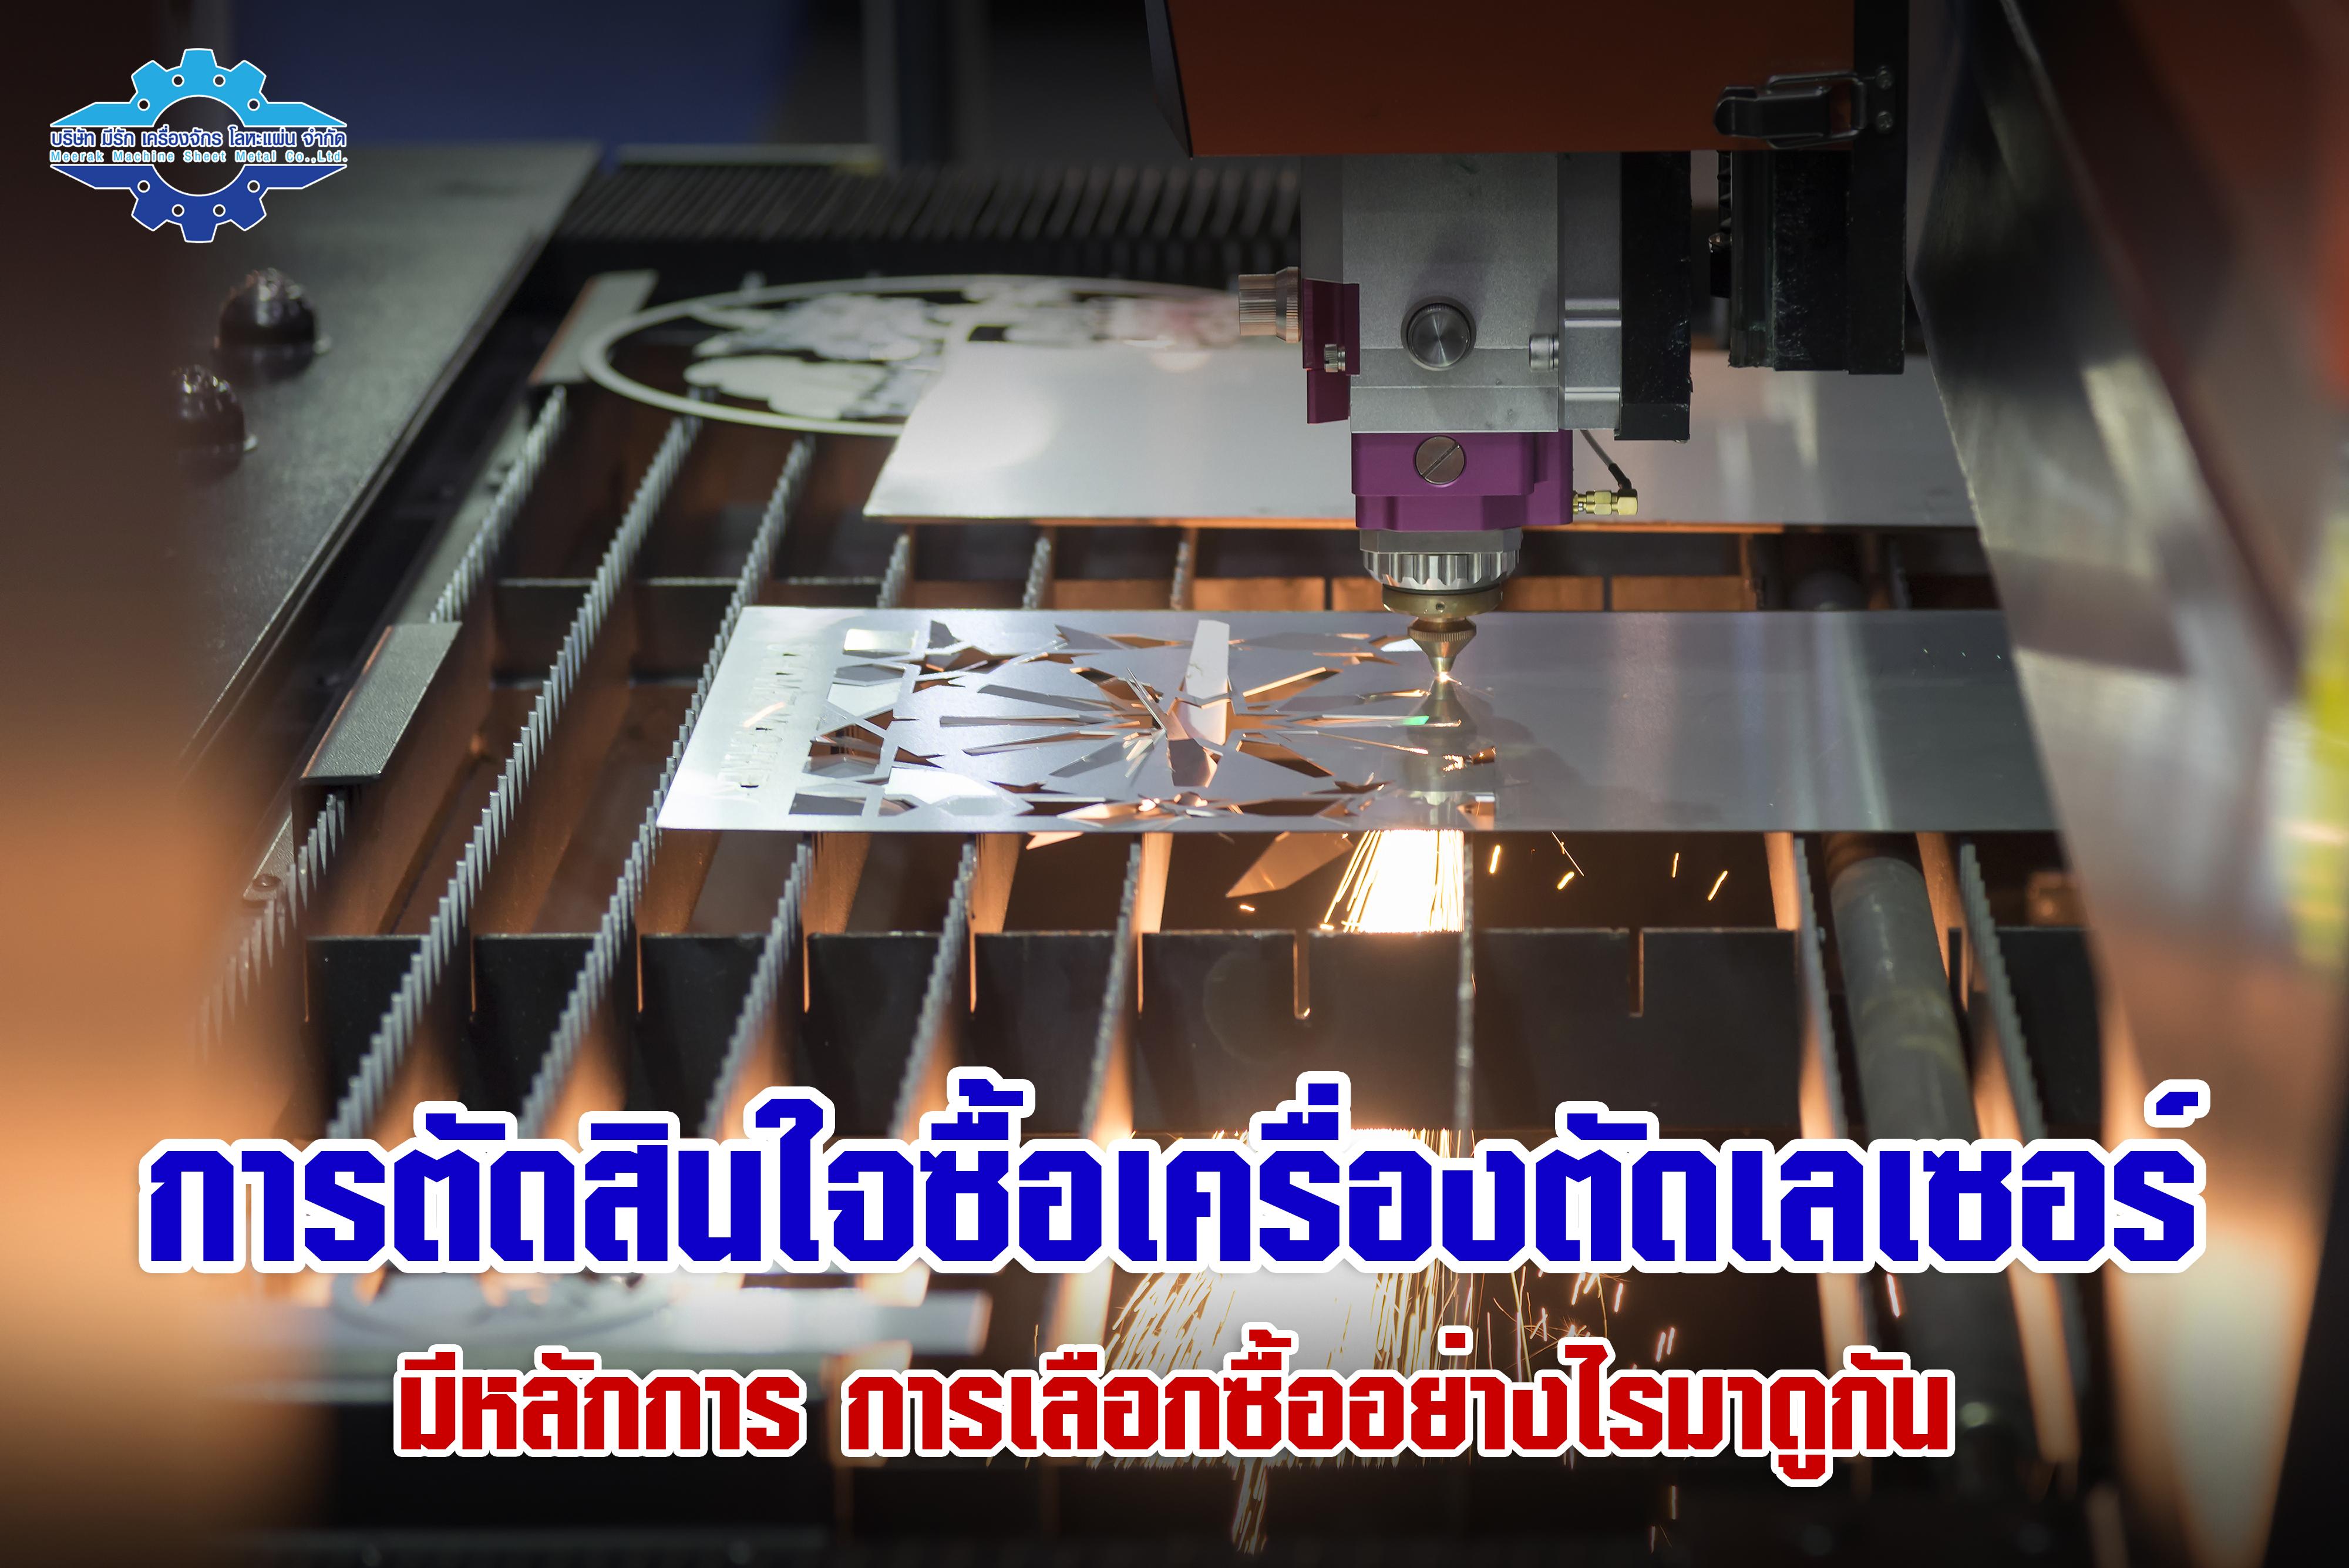 การตัดสินใจซื้อเครื่องตัดเลเซอร์-meerakmachine-มีรักแมชชีน